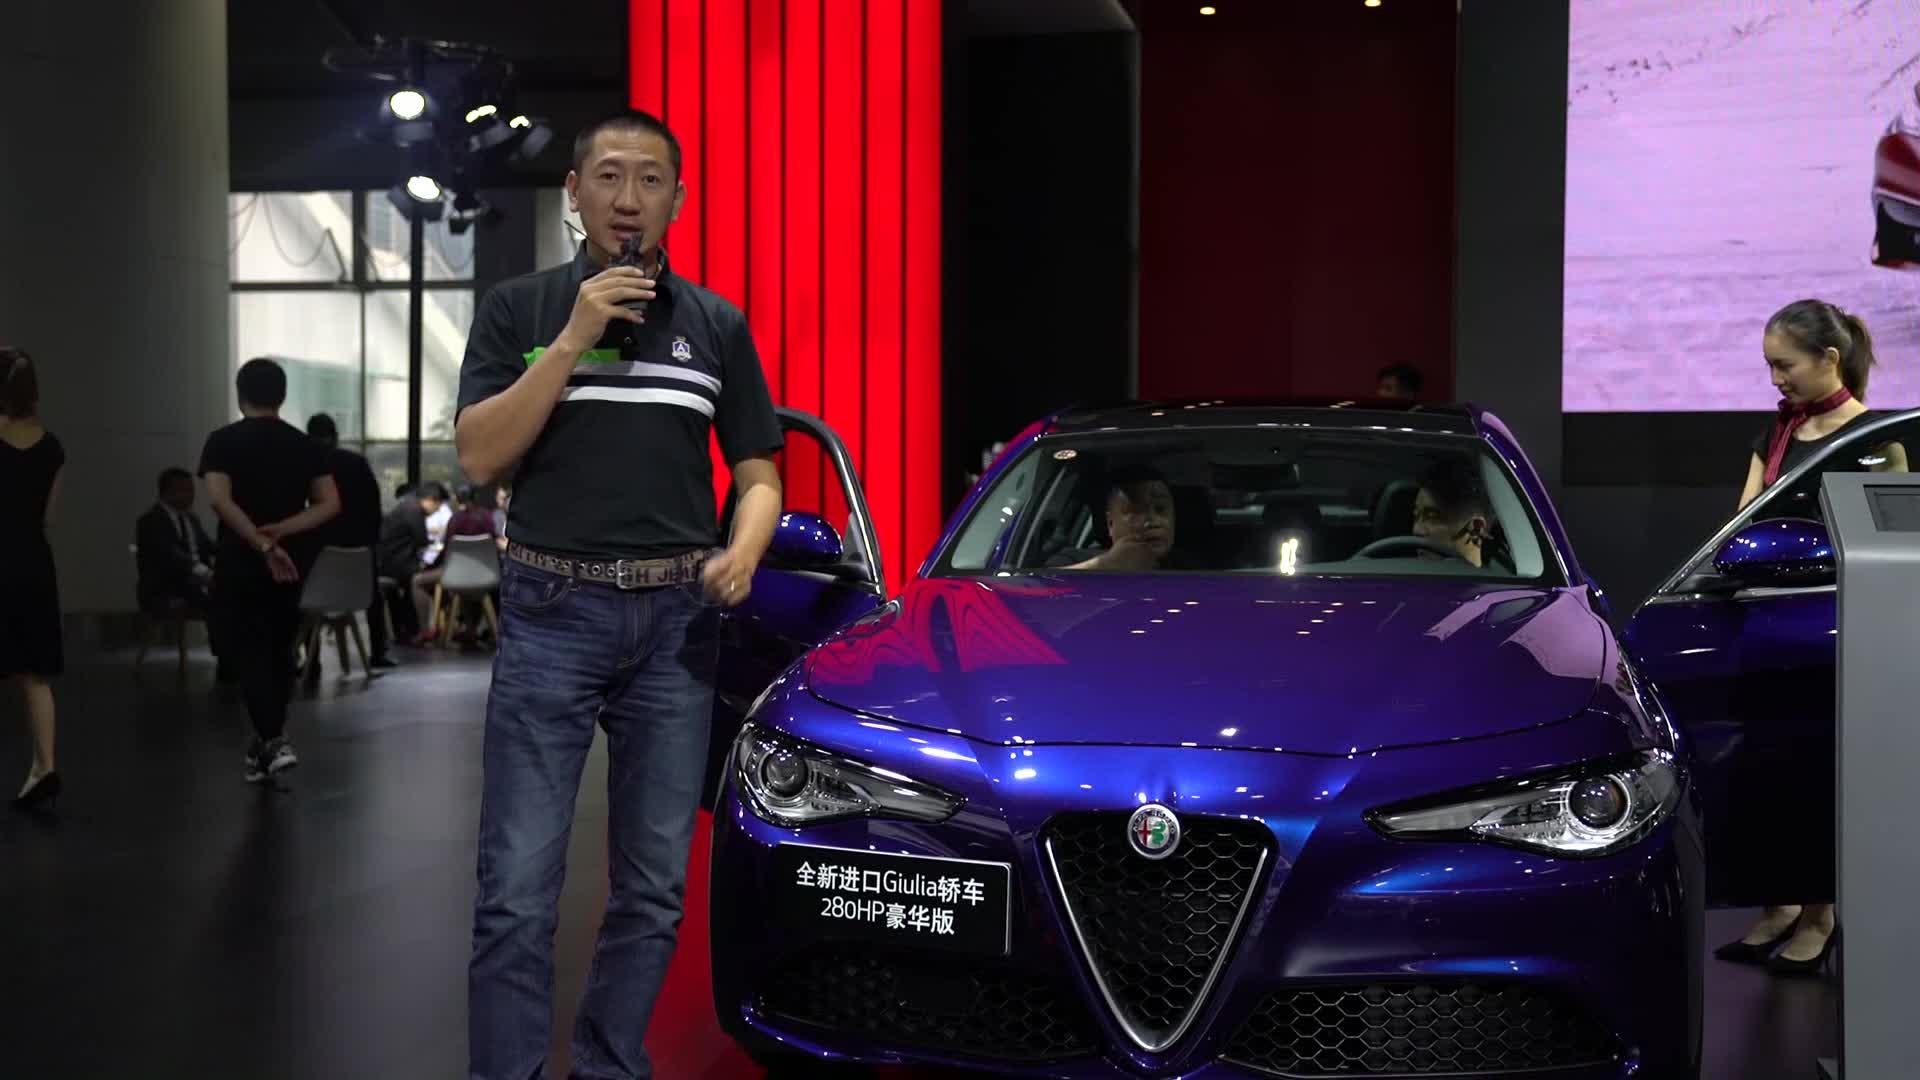 广州车展 阿尔法·罗密欧Giulia 280HP豪华版